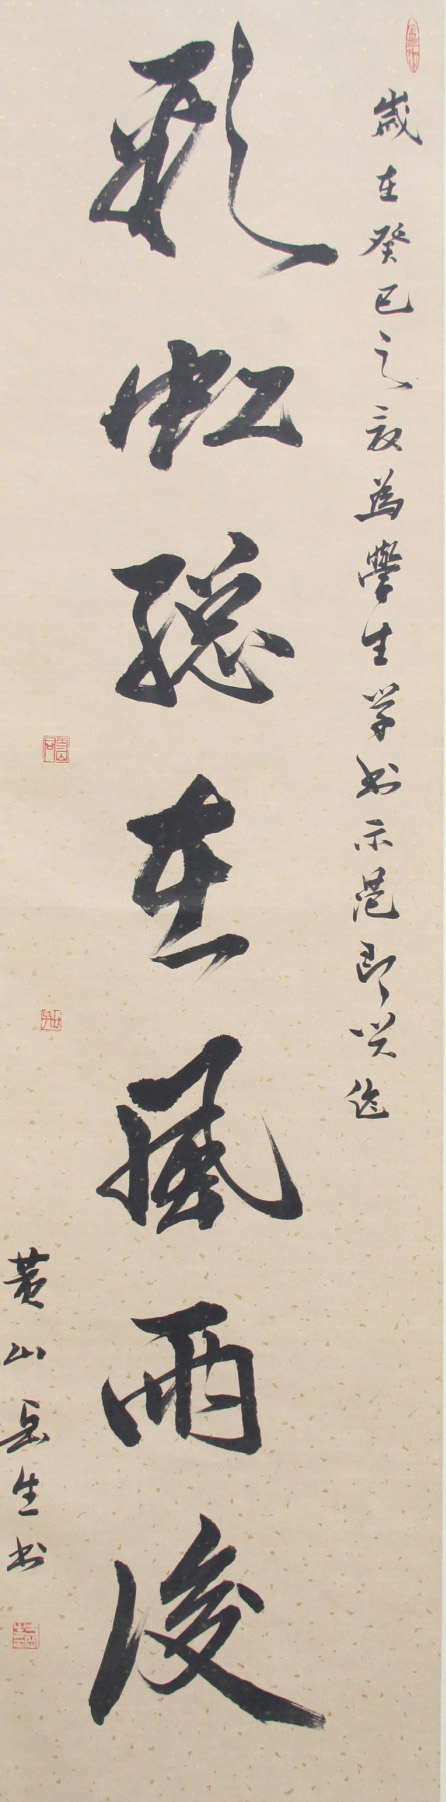 方岳生作品之一 (36)